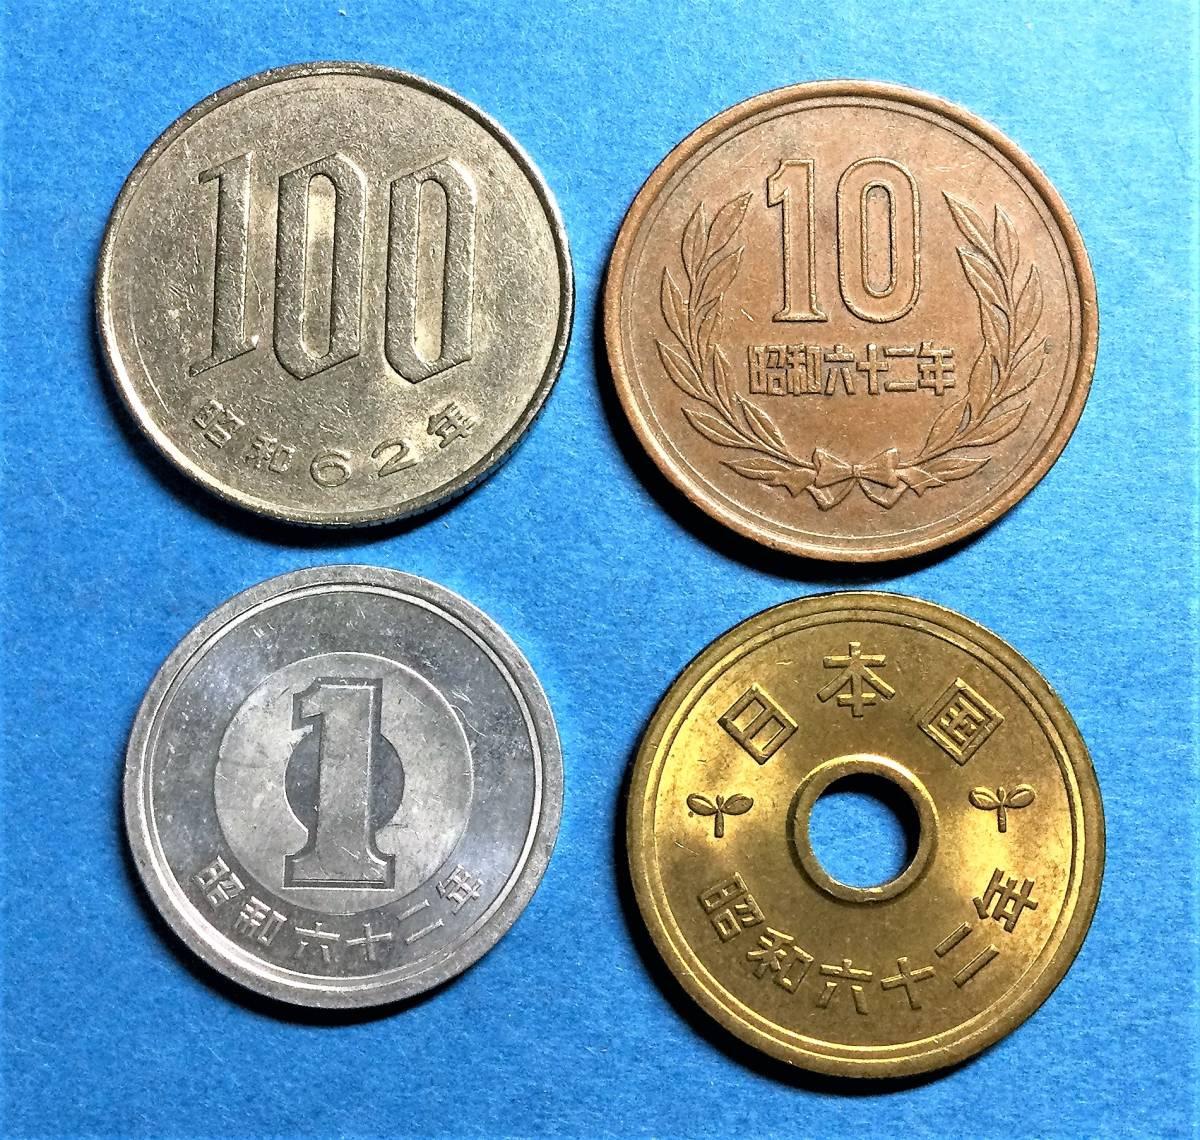 価値 年 の 円 10 玉 号 ある 価値のある特年10円玉と幻の10円洋銀貨の買取相場